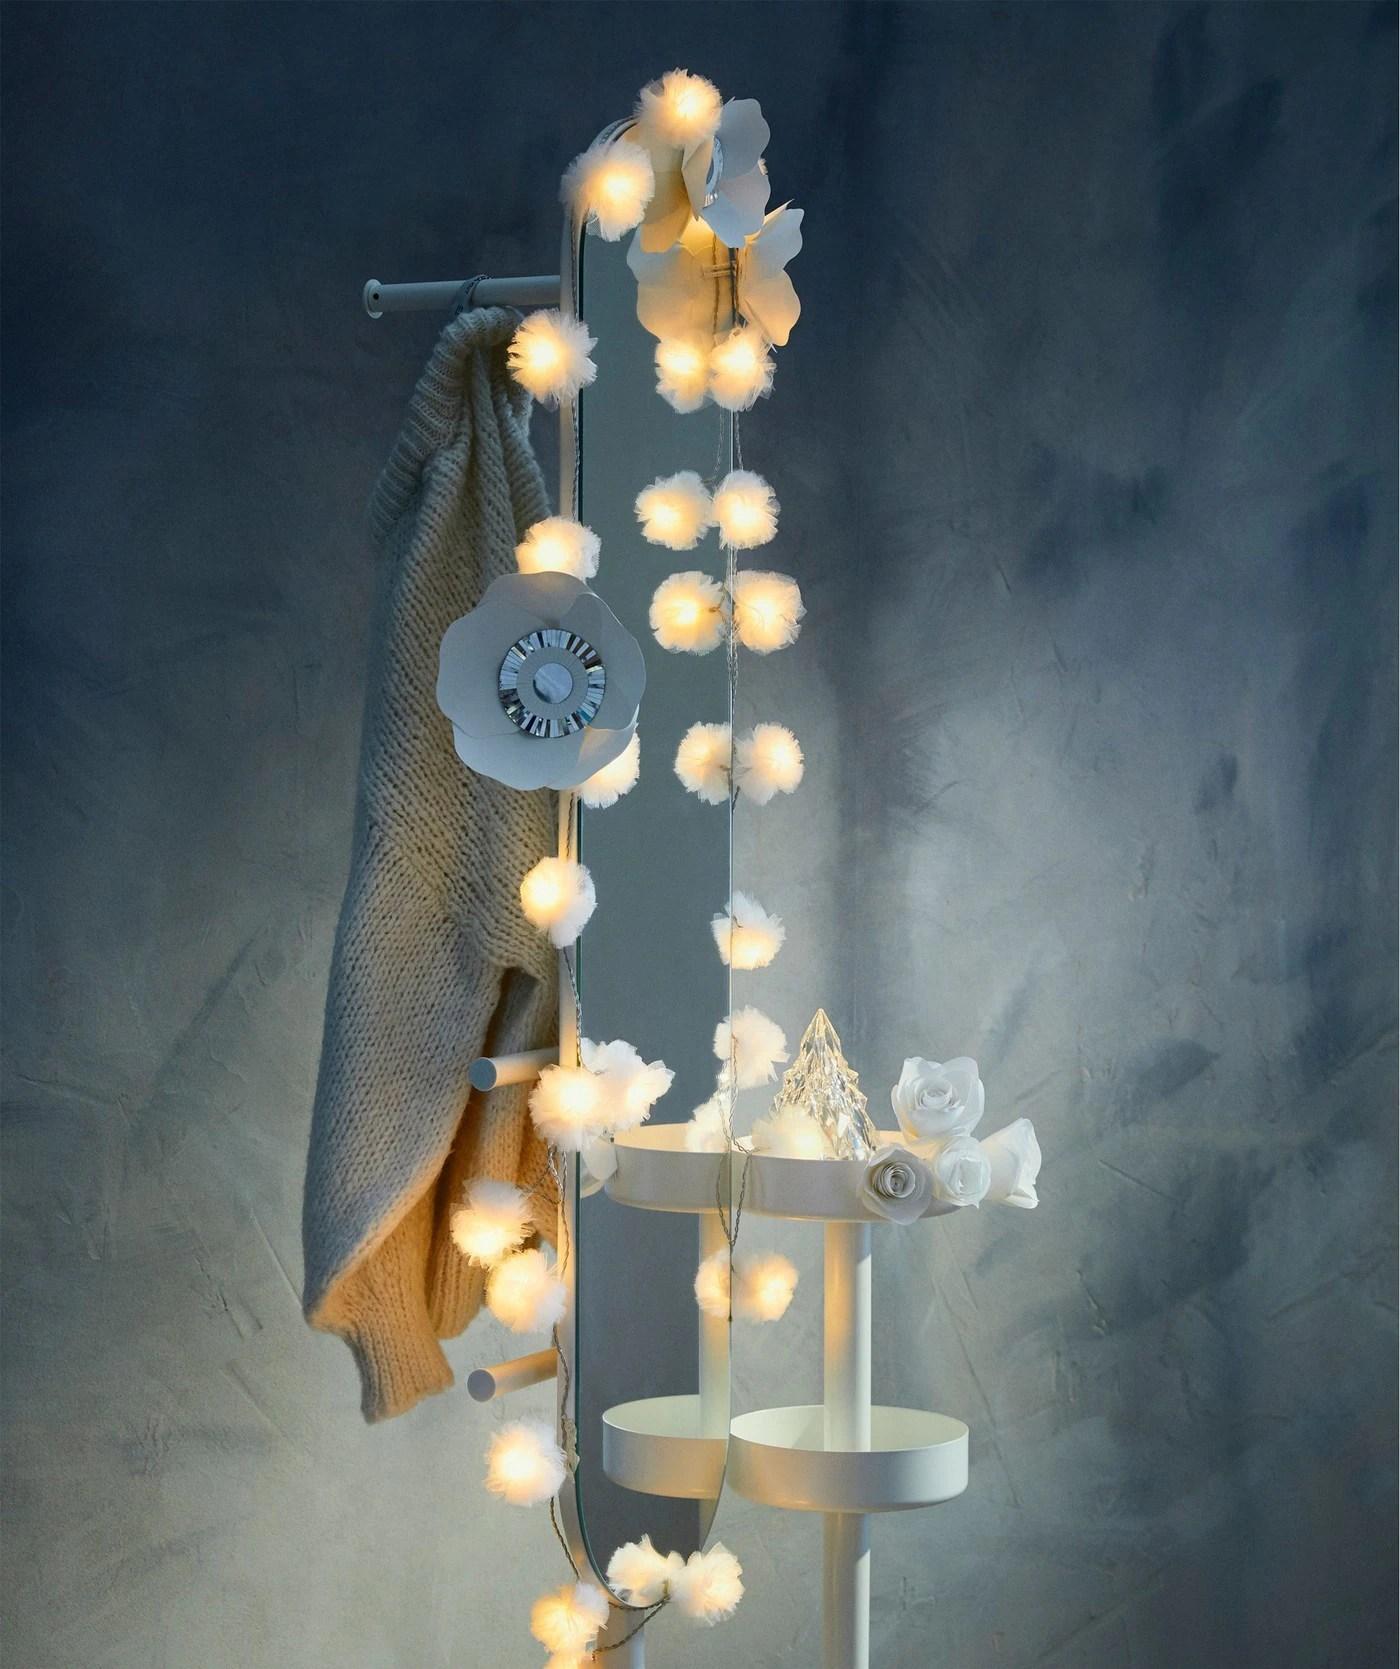 Les Guirlandes Lumineuses C Est Toute L Annee Ikea